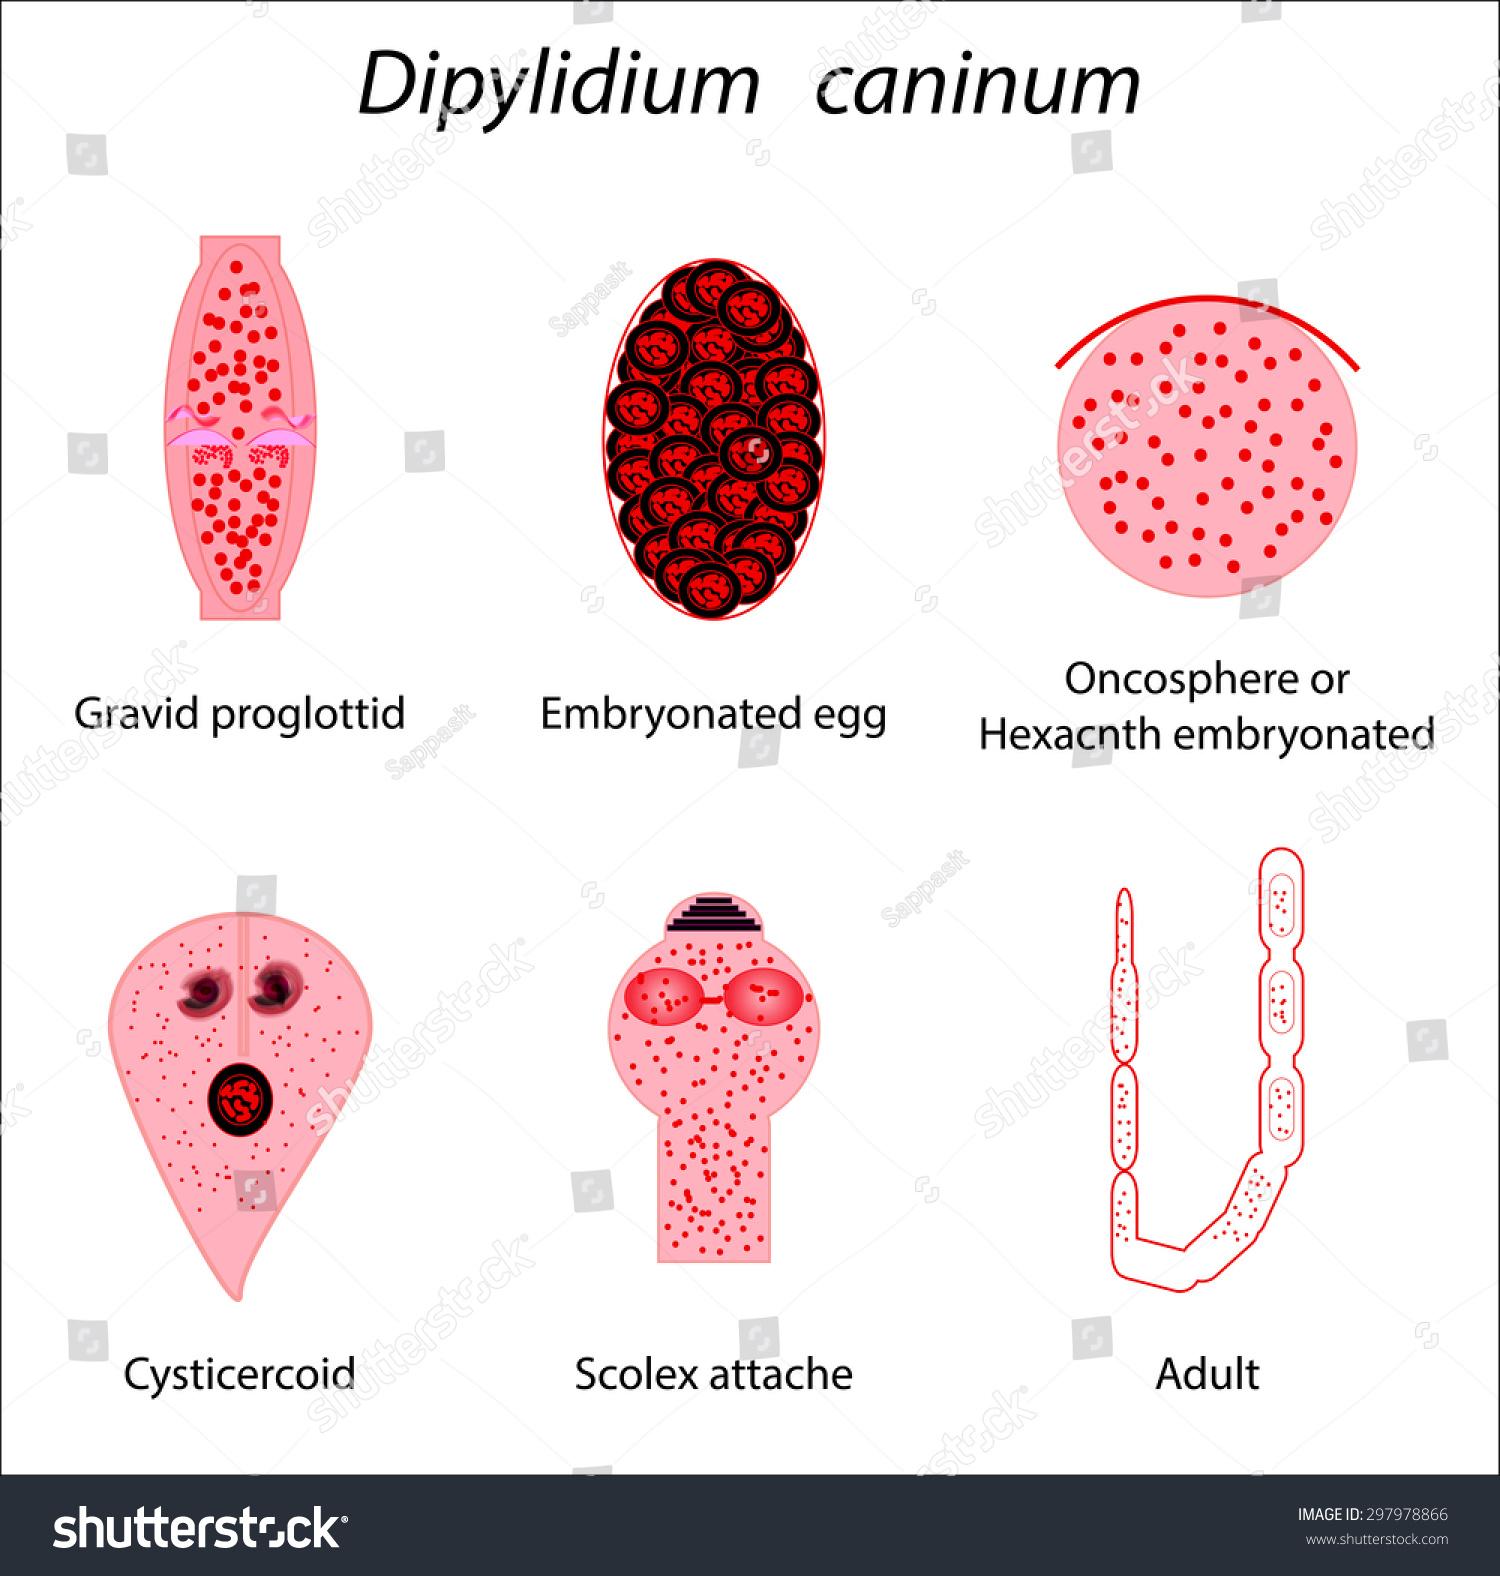 dipylidium caninum scolex